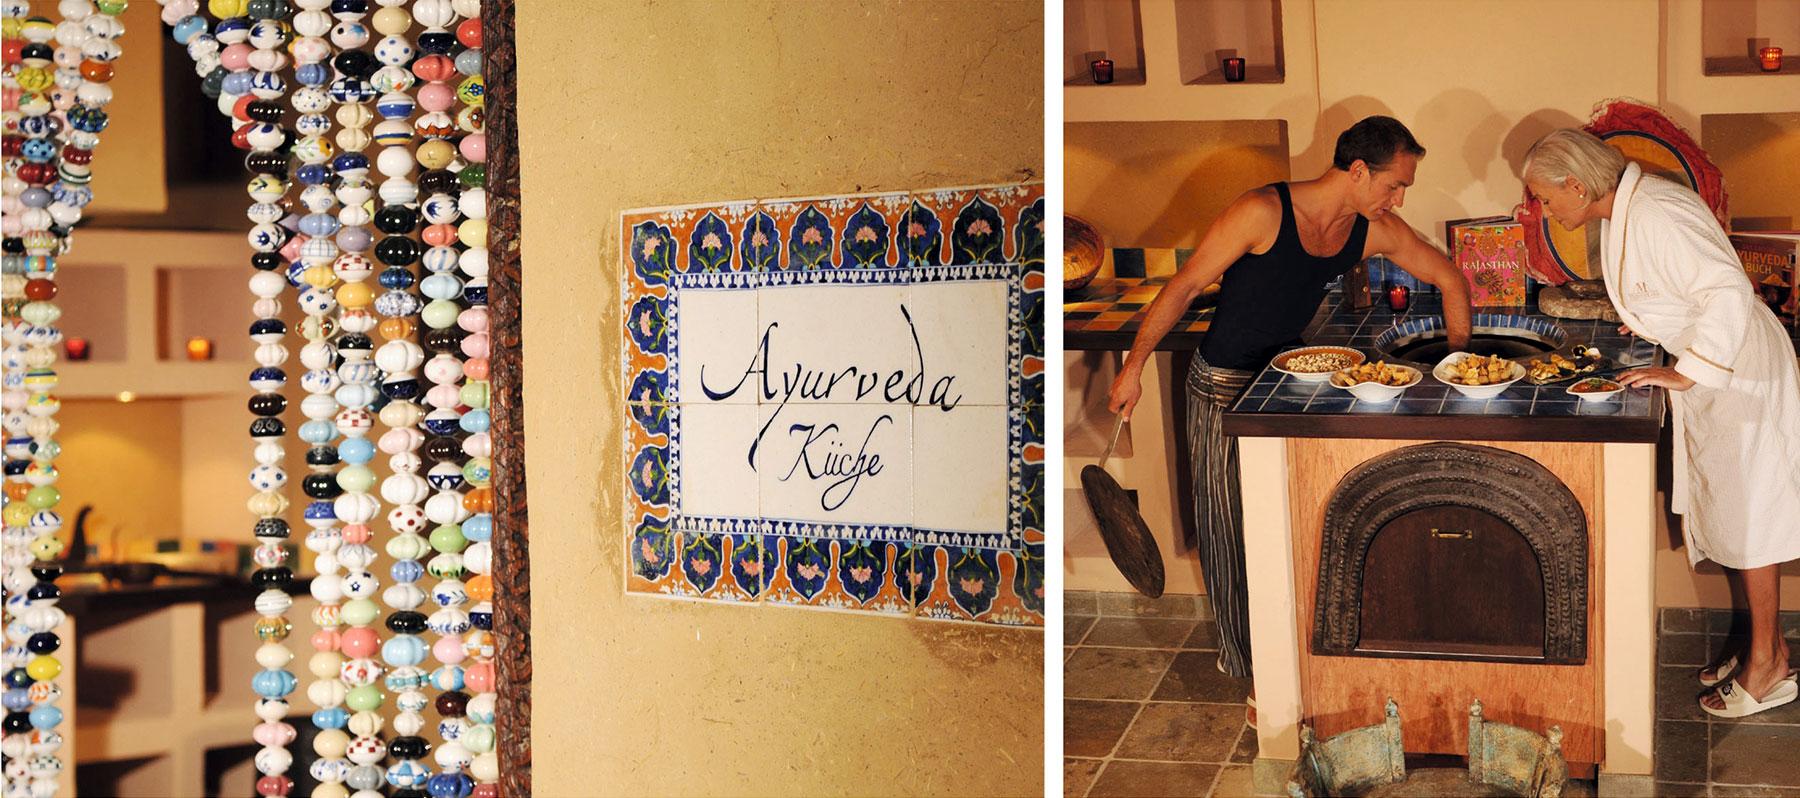 AYURVEDA-KÜCHE. Dem Rajasthaniehaus angeschlossen, rundet sie das Wohlfühl-Angebot optimal ab. LECKERE GERICHTE. Die Speisen werden speziell auf die drei Doshas abgestimmt.